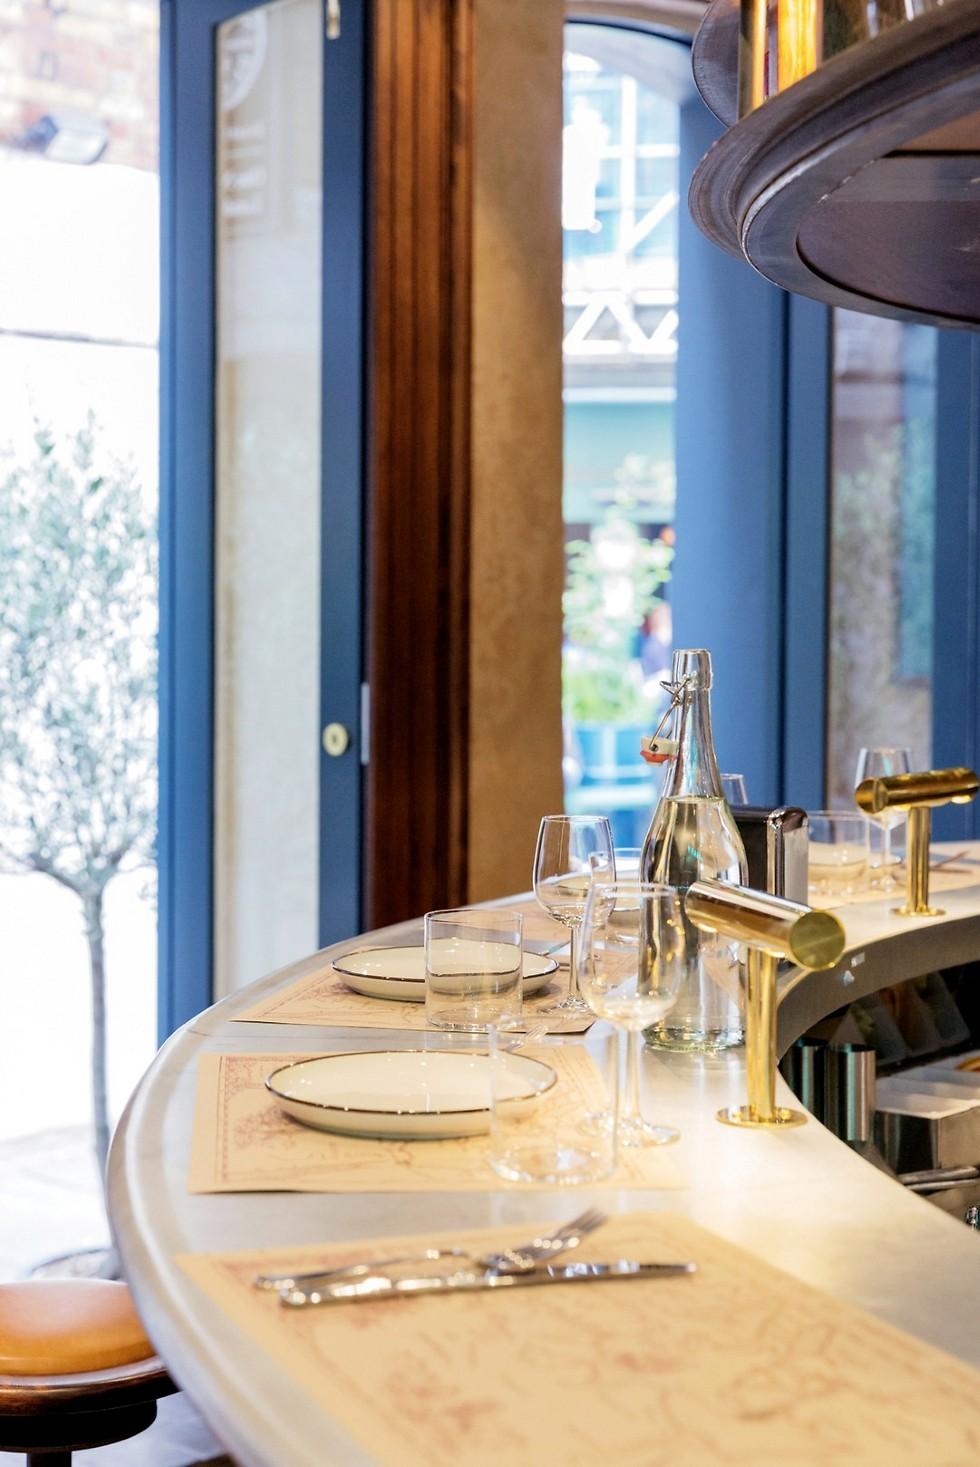 """מסעדת """"ברברי"""" של אסף גרניט בלונדון (צילום: Carol Sachs) (צילום: Carol Sachs)"""